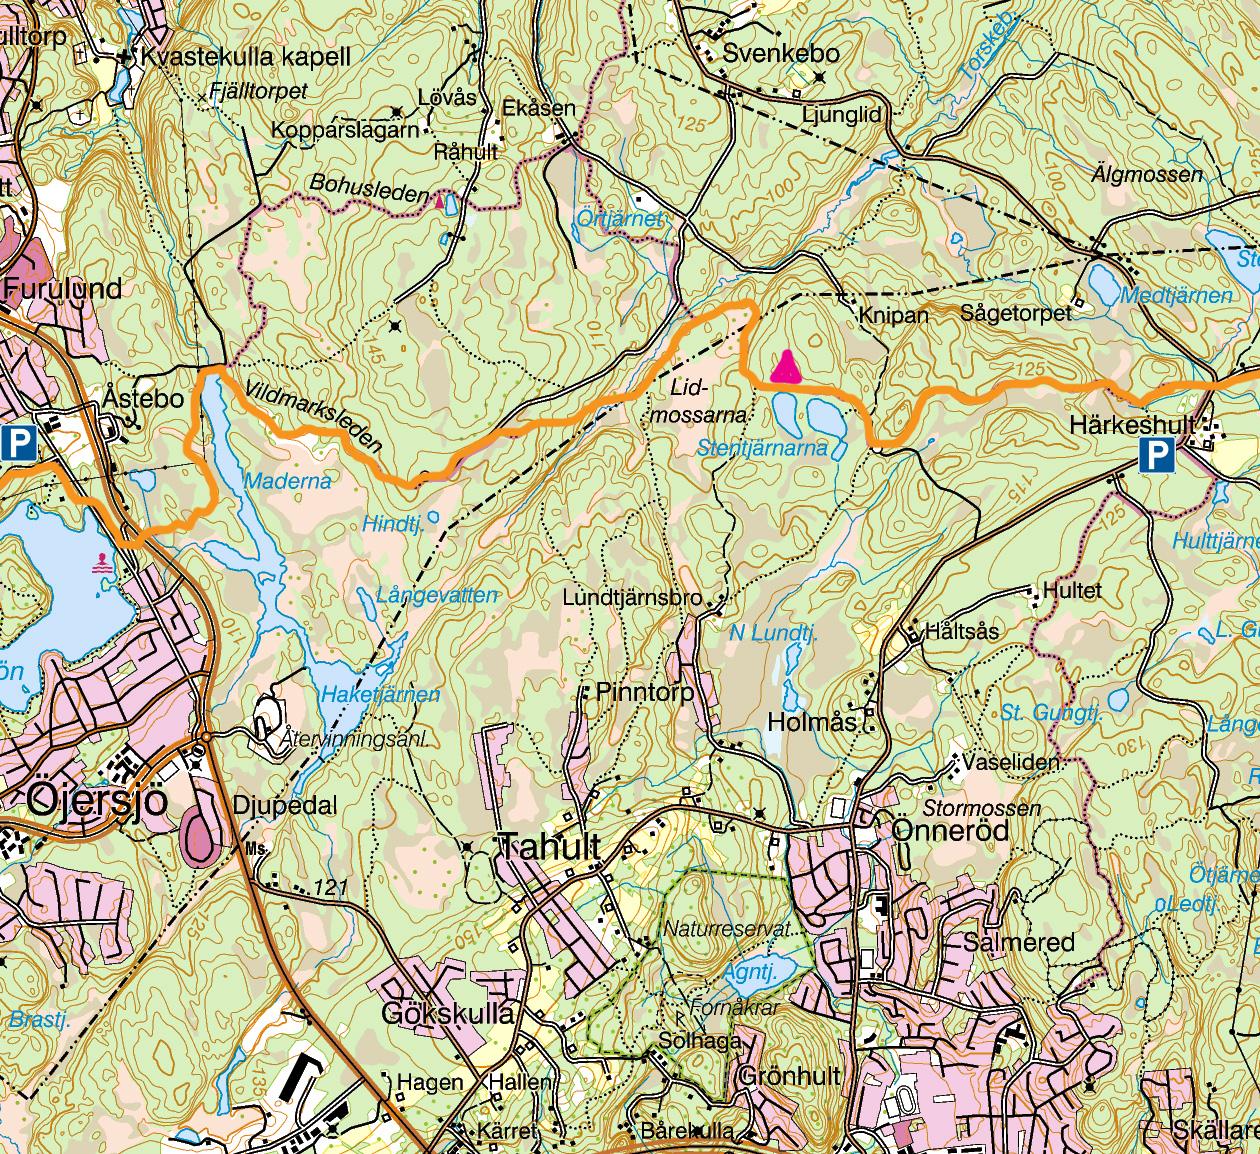 Karta Kåsjön - Härkeshult